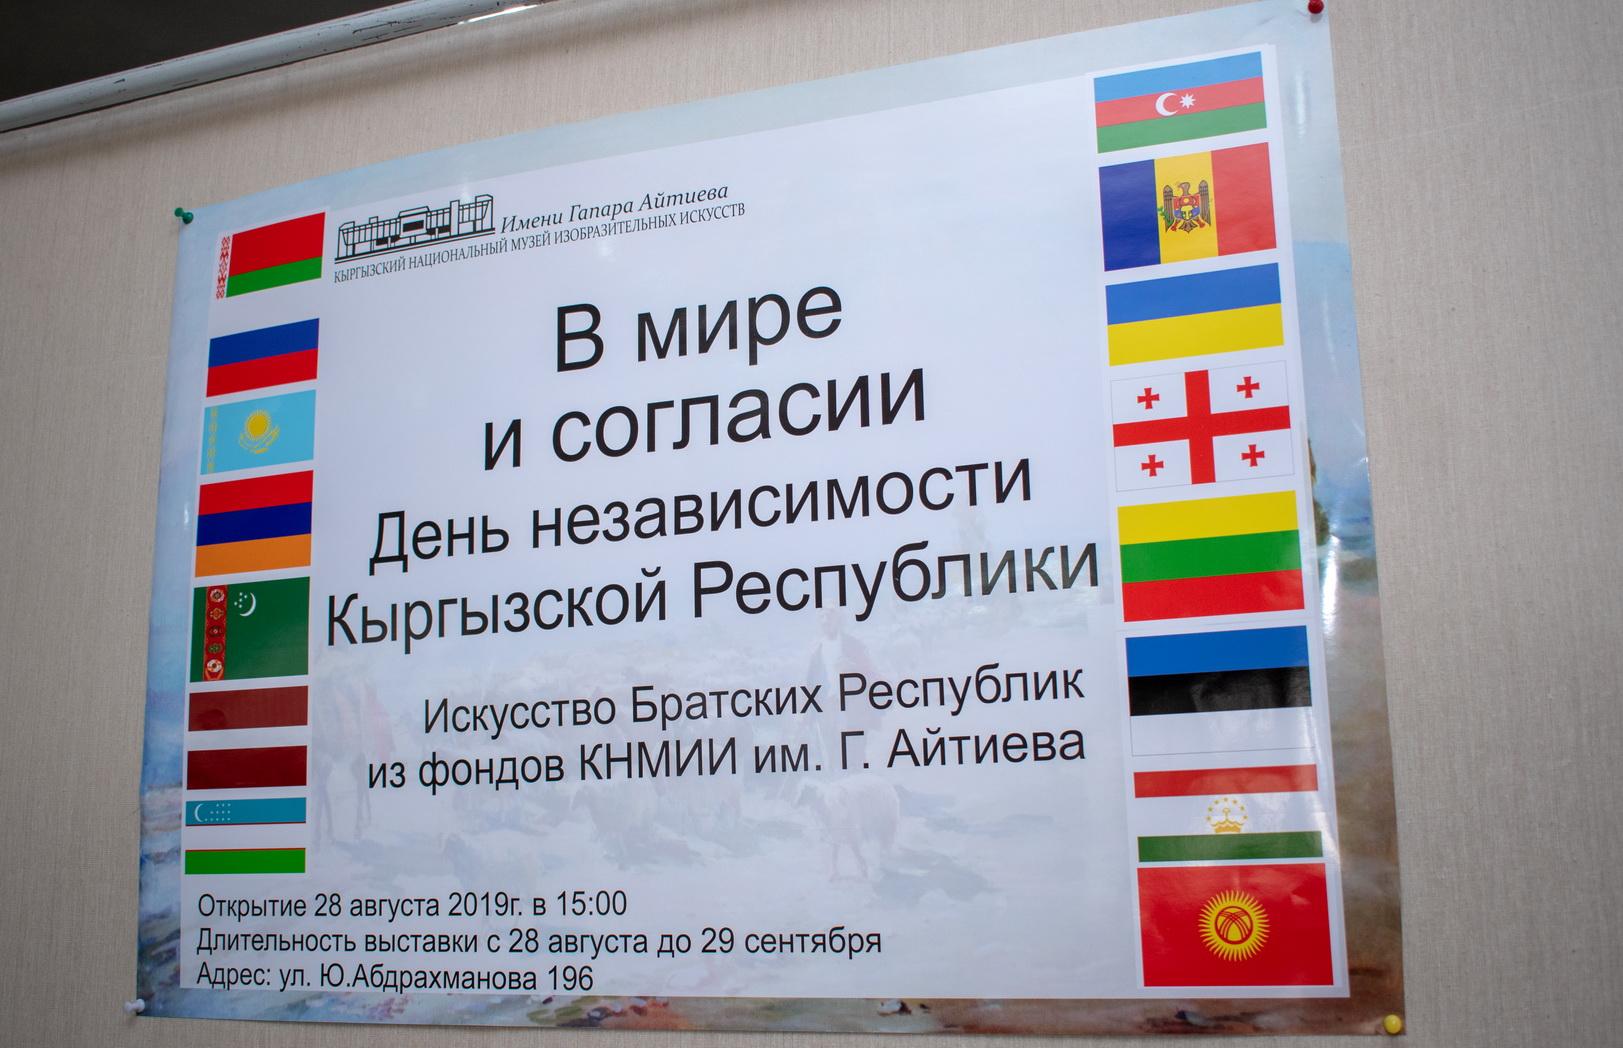 Ностальгируете по СССР? Тогда идите в музей ИЗО в Бишкеке!